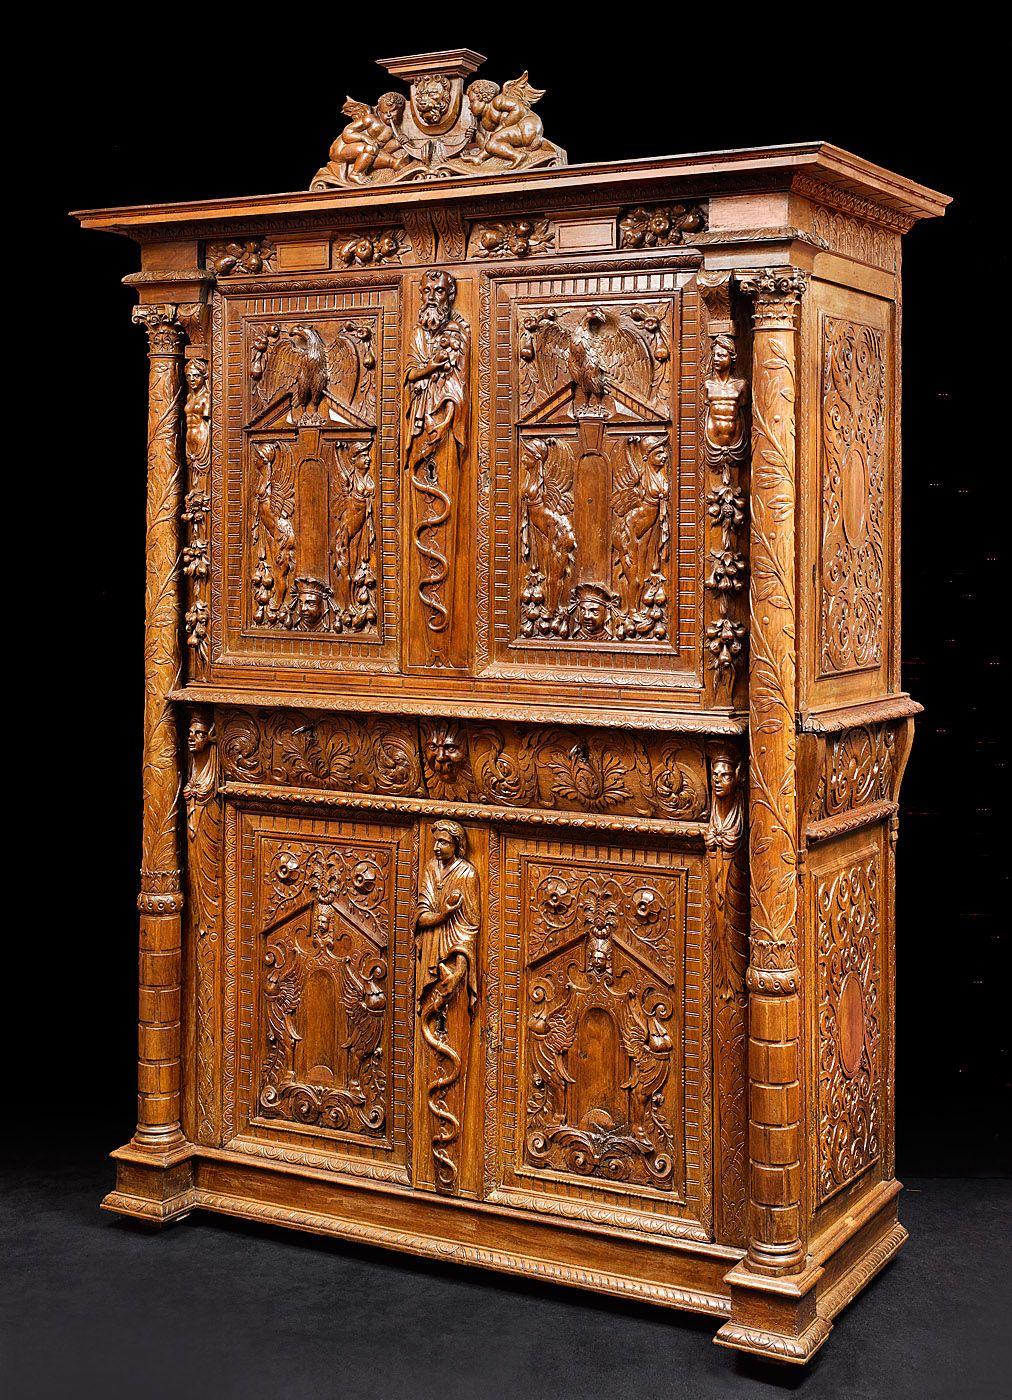 Cabinet Richement Sculpte D Epoque Renaissance 16e Siecle Bourgogne Meuble Baroque Armoire Ancienne Mobilier De Salon